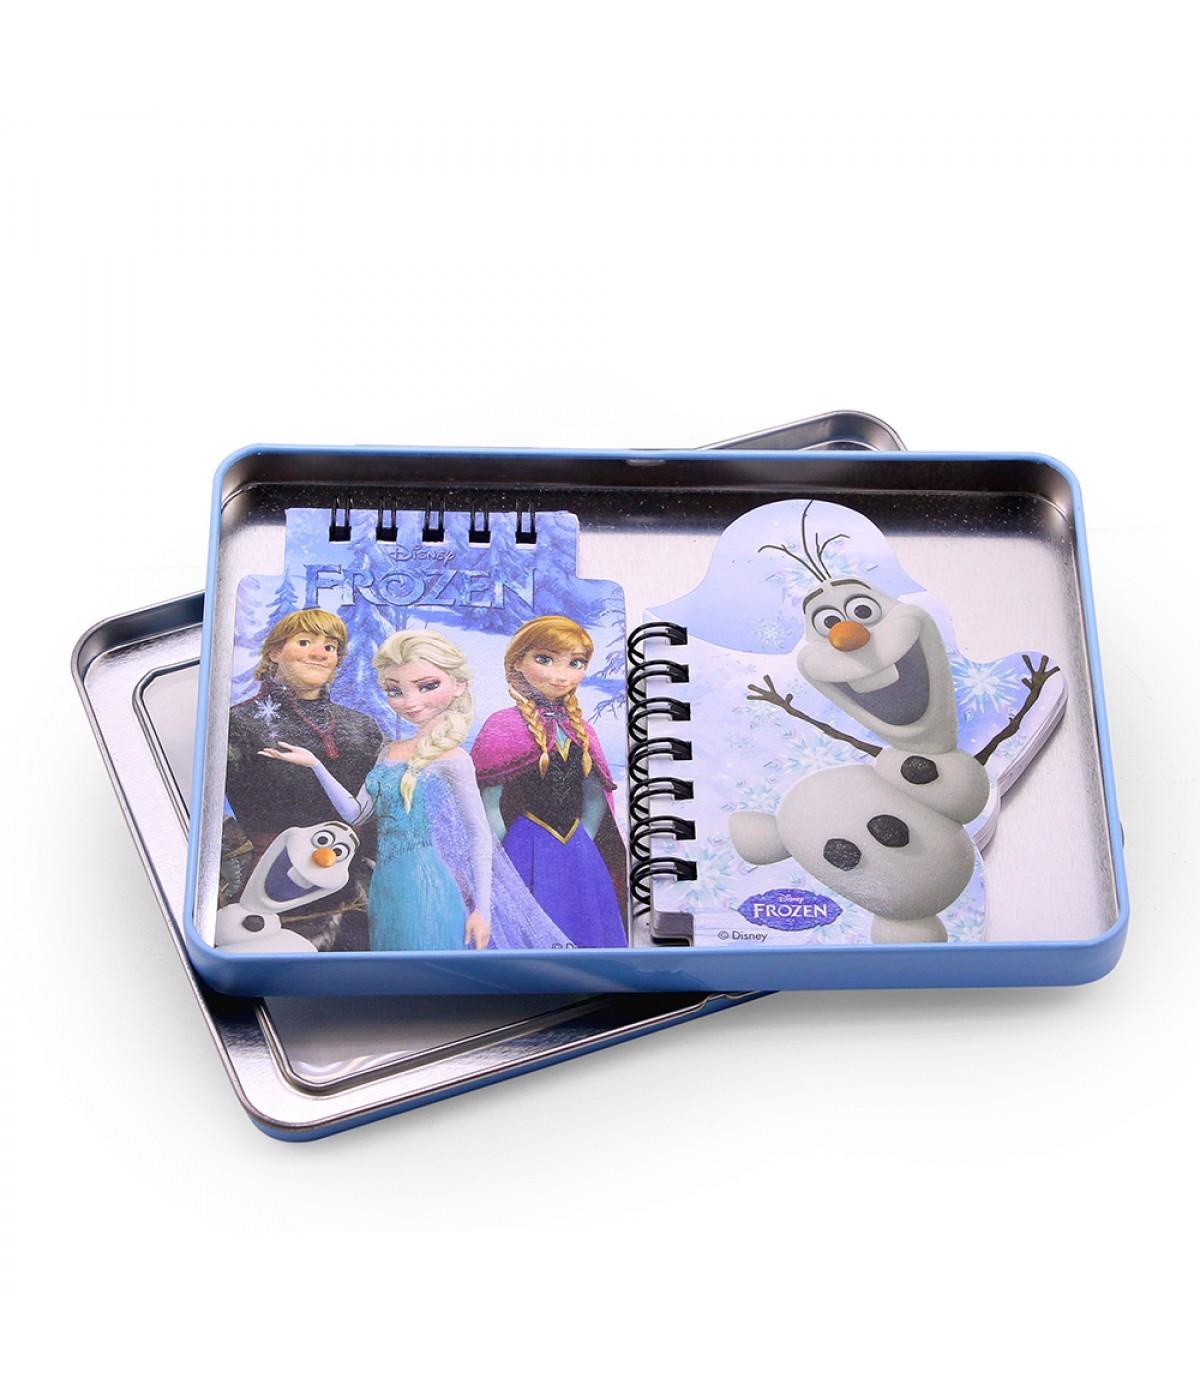 Kit Bloco De Notas Olaf, Anna e Elsa: Frozen -  Disney